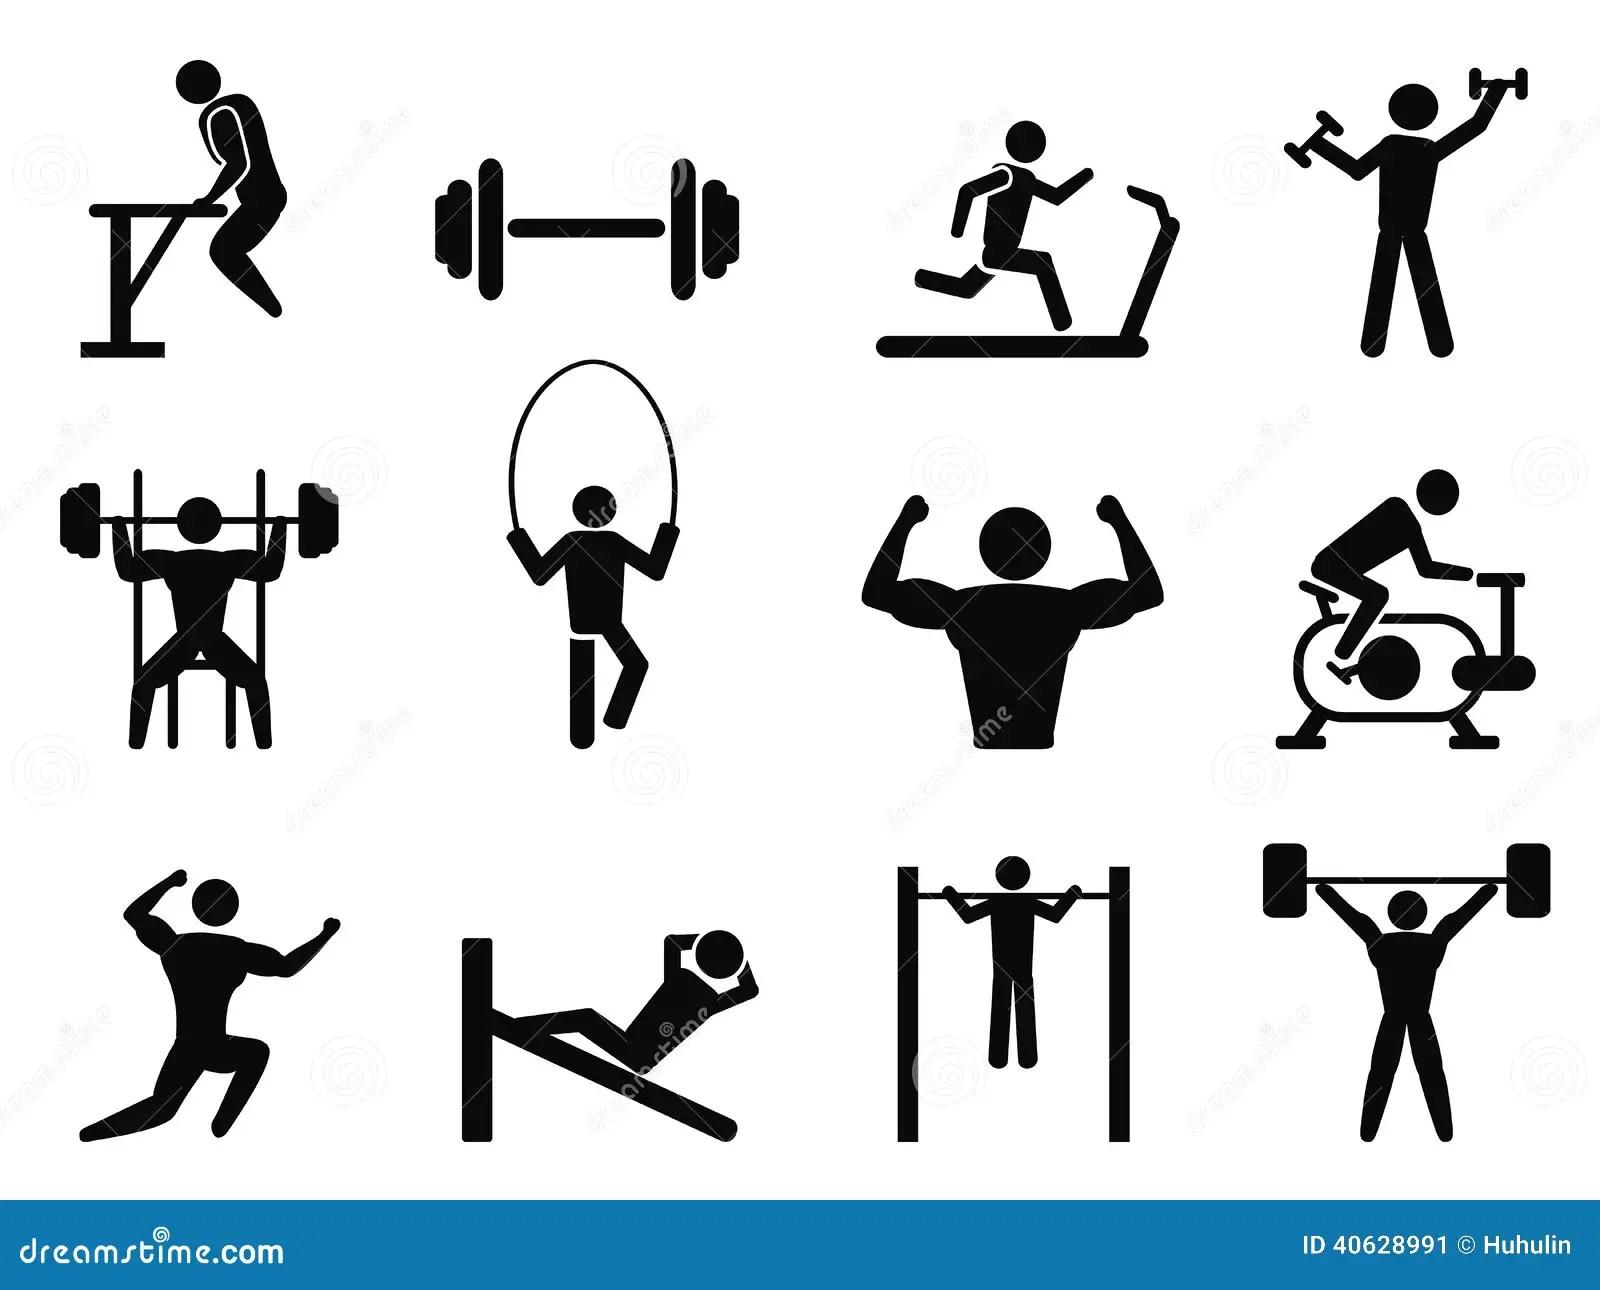 Icones Do Ginasio E Do Body Building Ilustracao Do Vetor